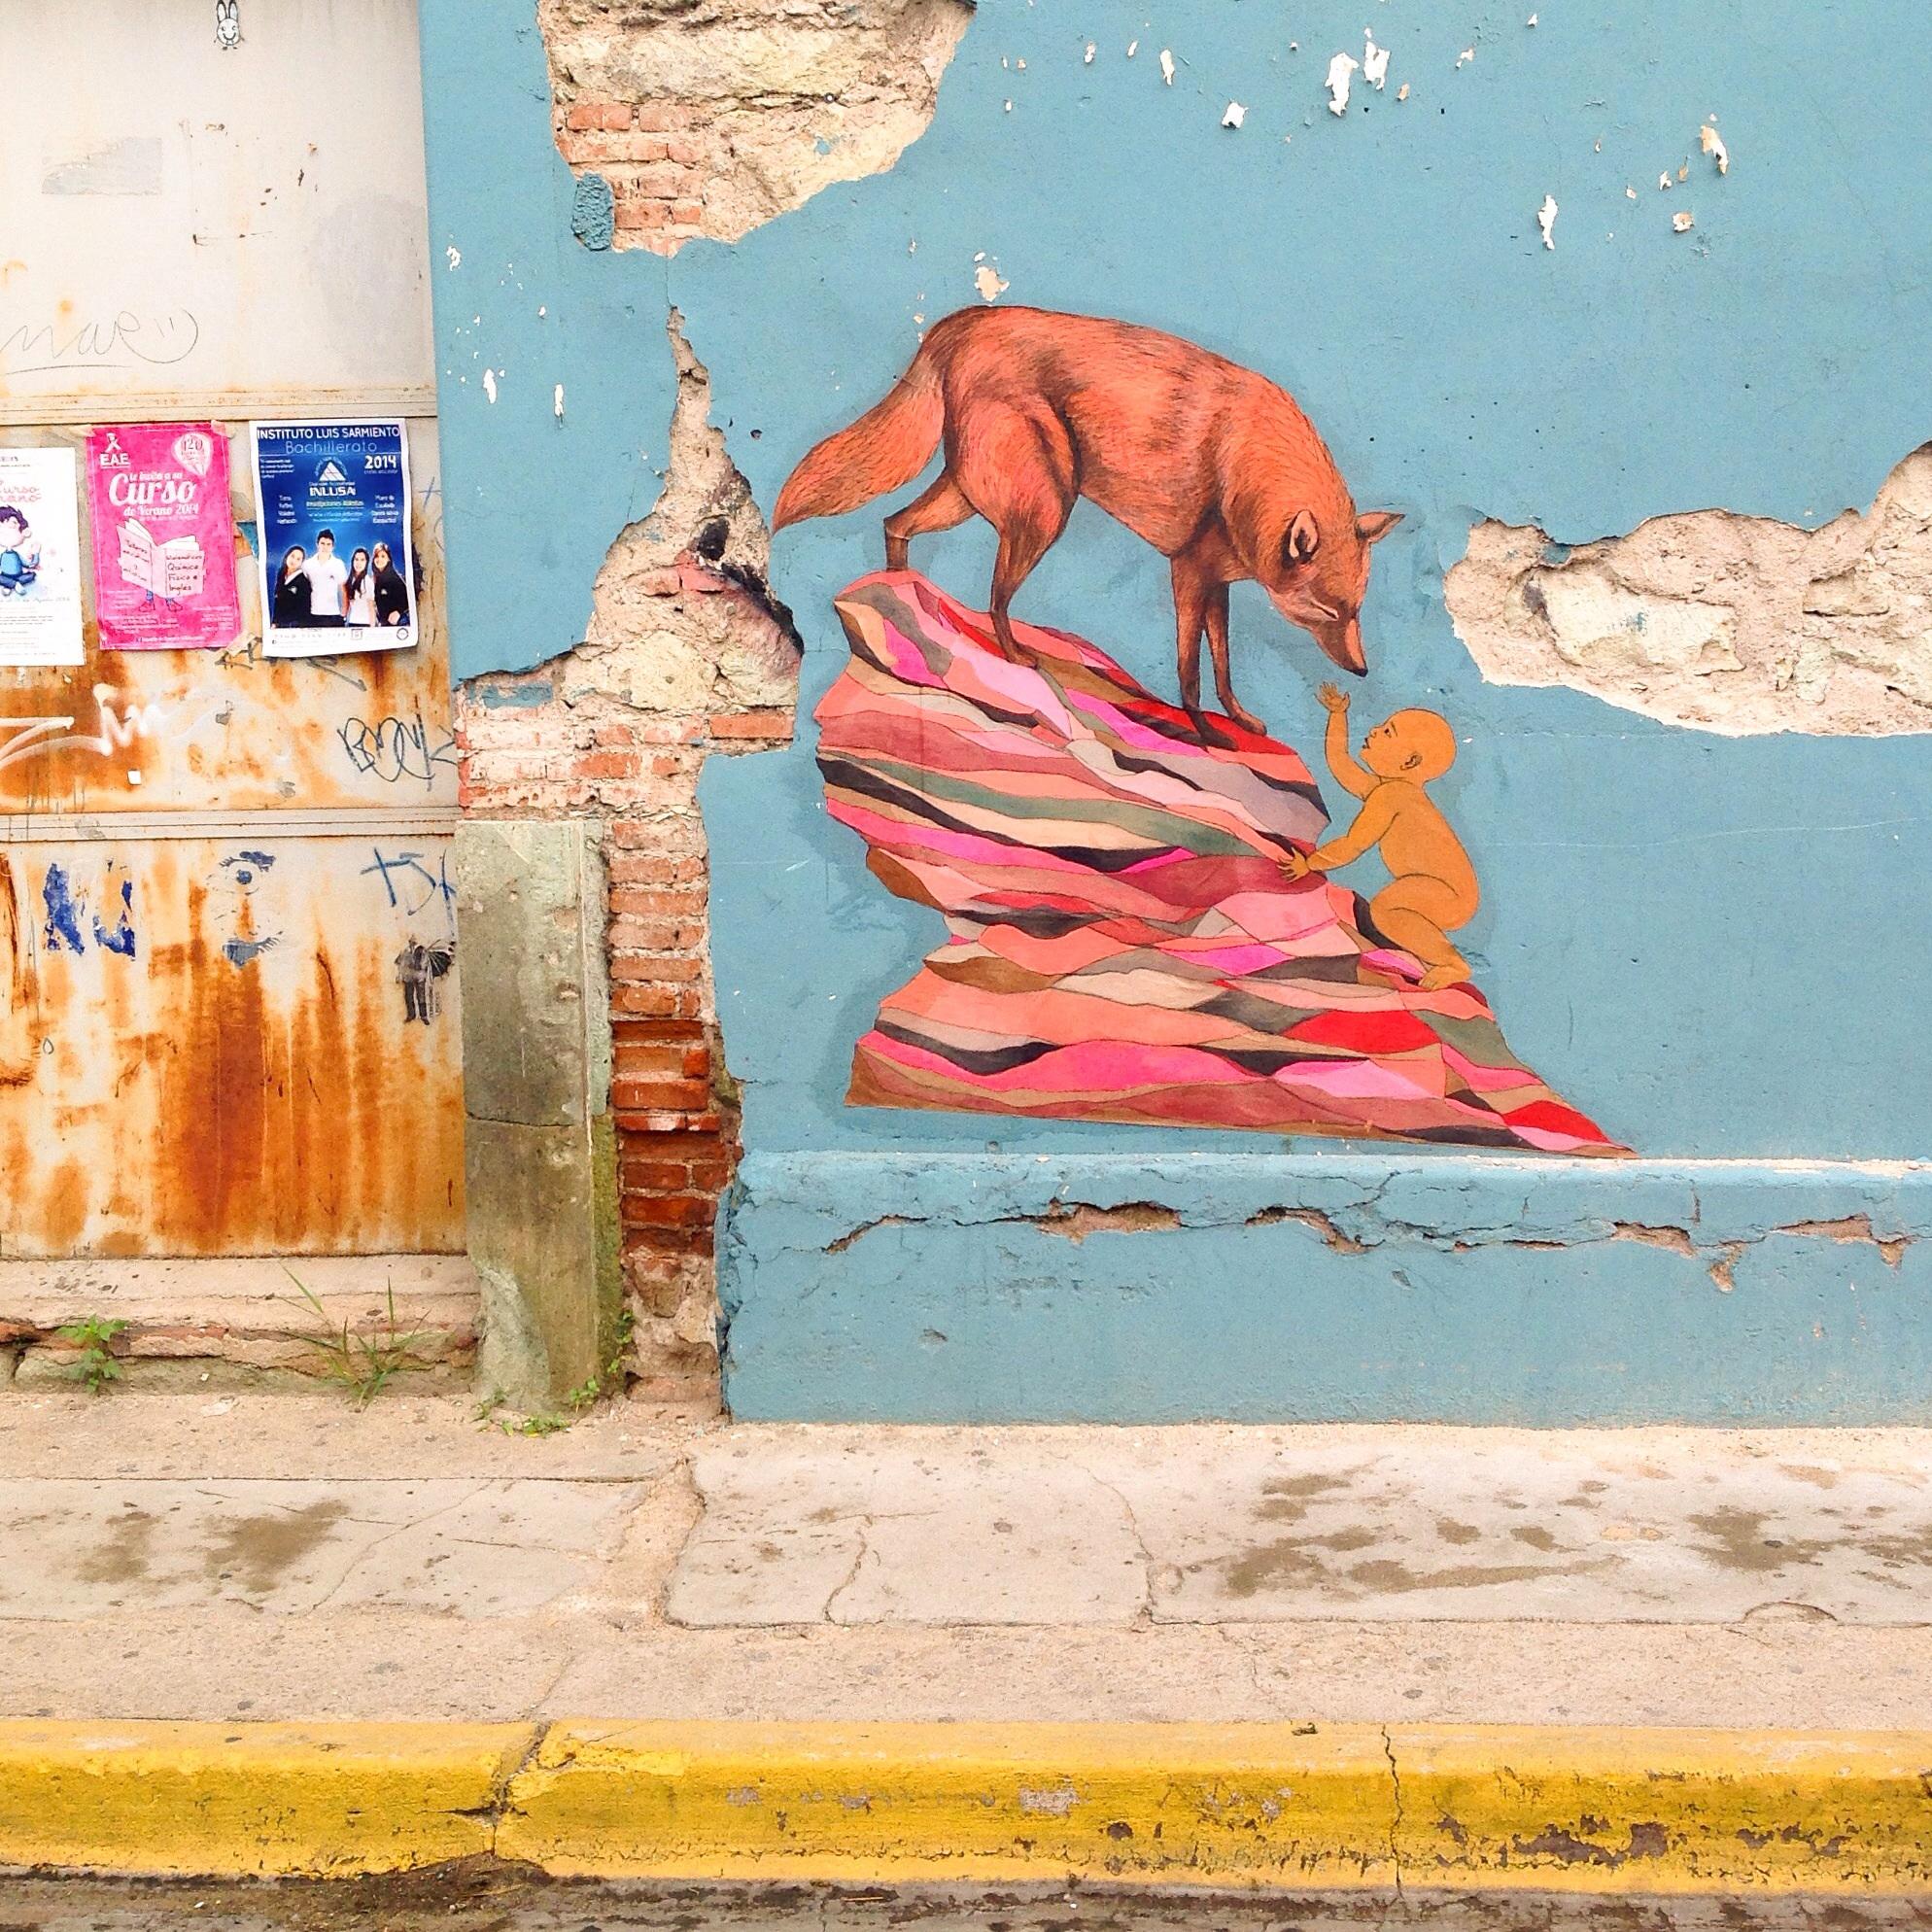 Oaxaca, Mexico, 2014